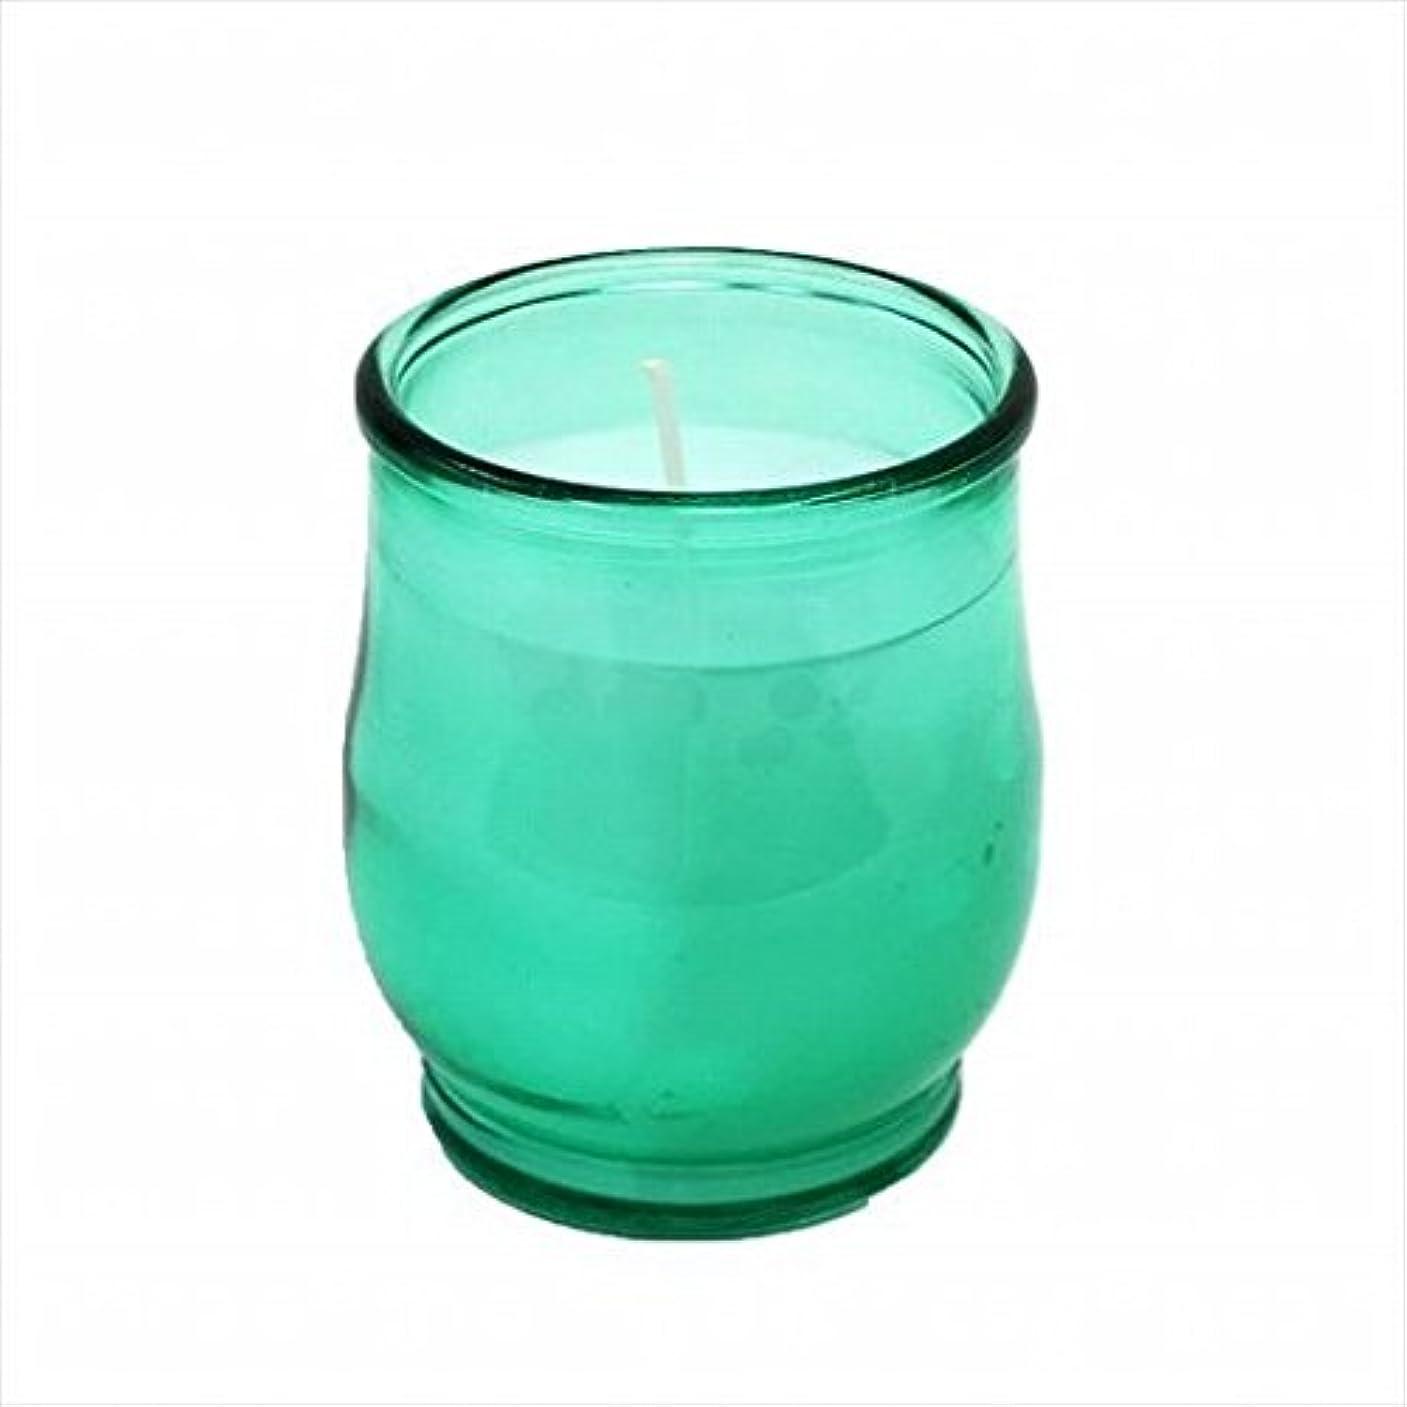 広くちょうつがい上下するkameyama candle(カメヤマキャンドル) ポシェ(非常用コップローソク) 「 グリーン(ライトカラー) 」 キャンドル 68x68x80mm (73020030G)